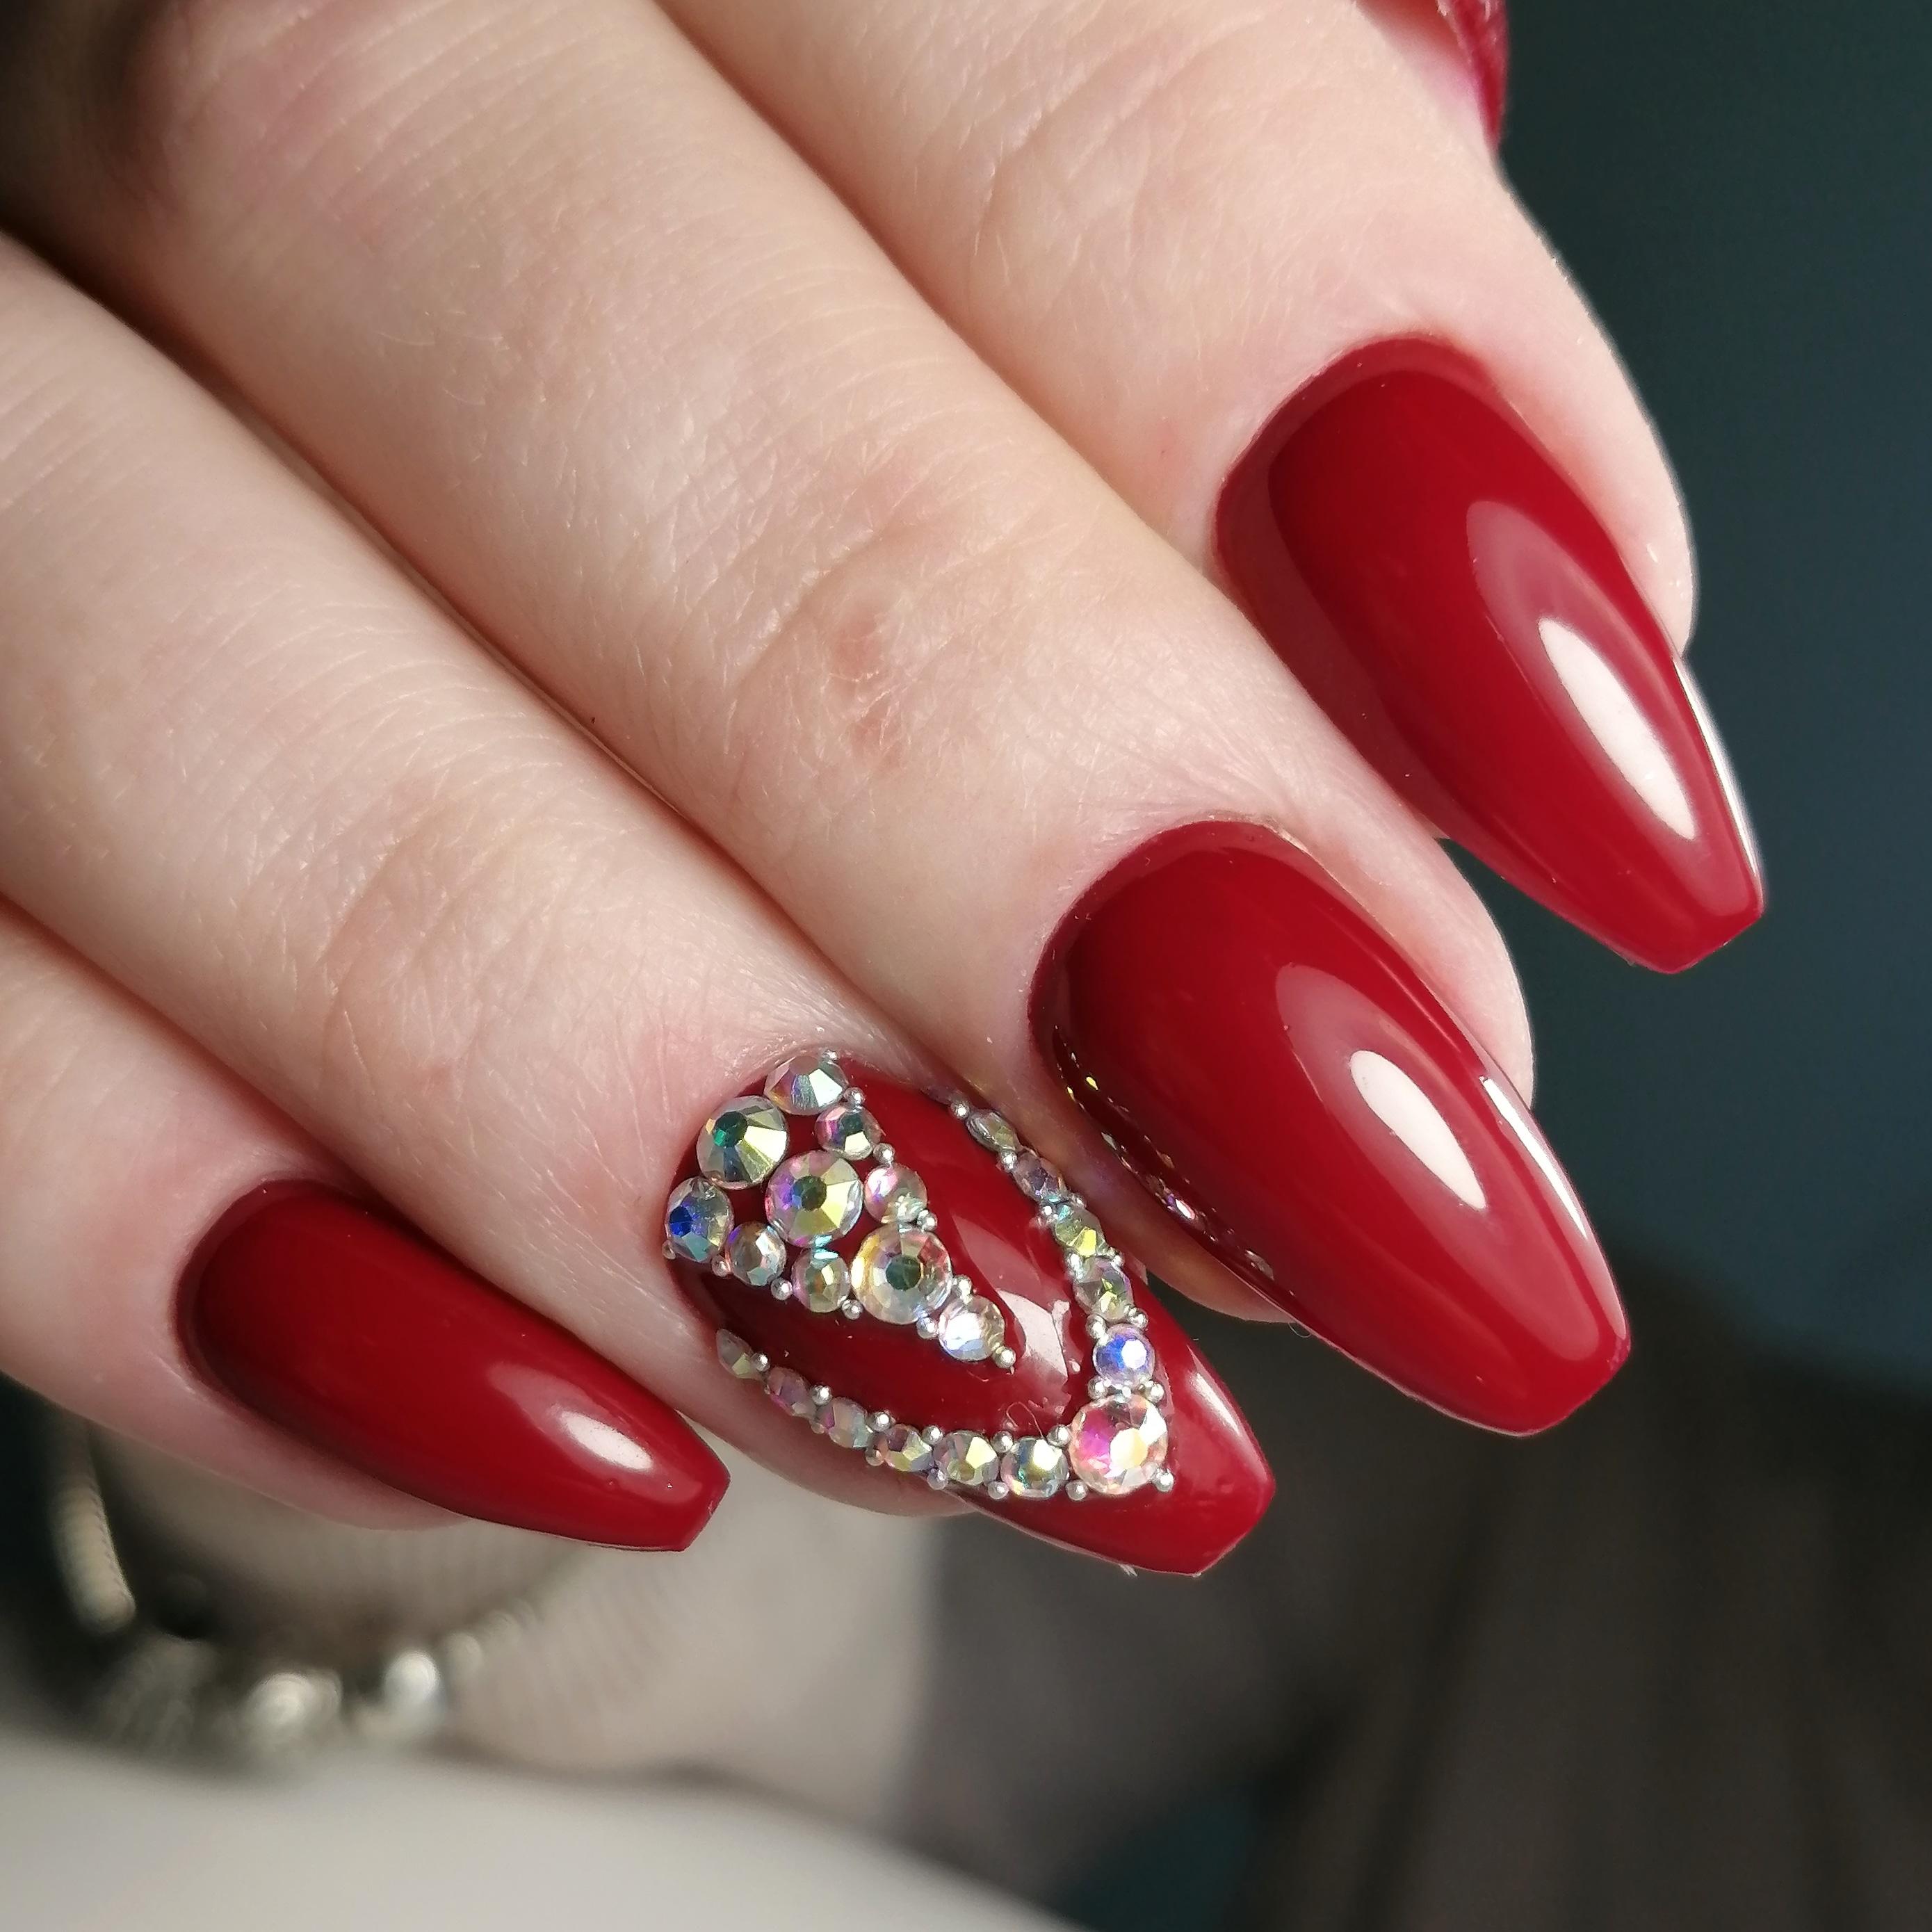 Маникюр со стразами в темно-красном цвете на длинные ногти.